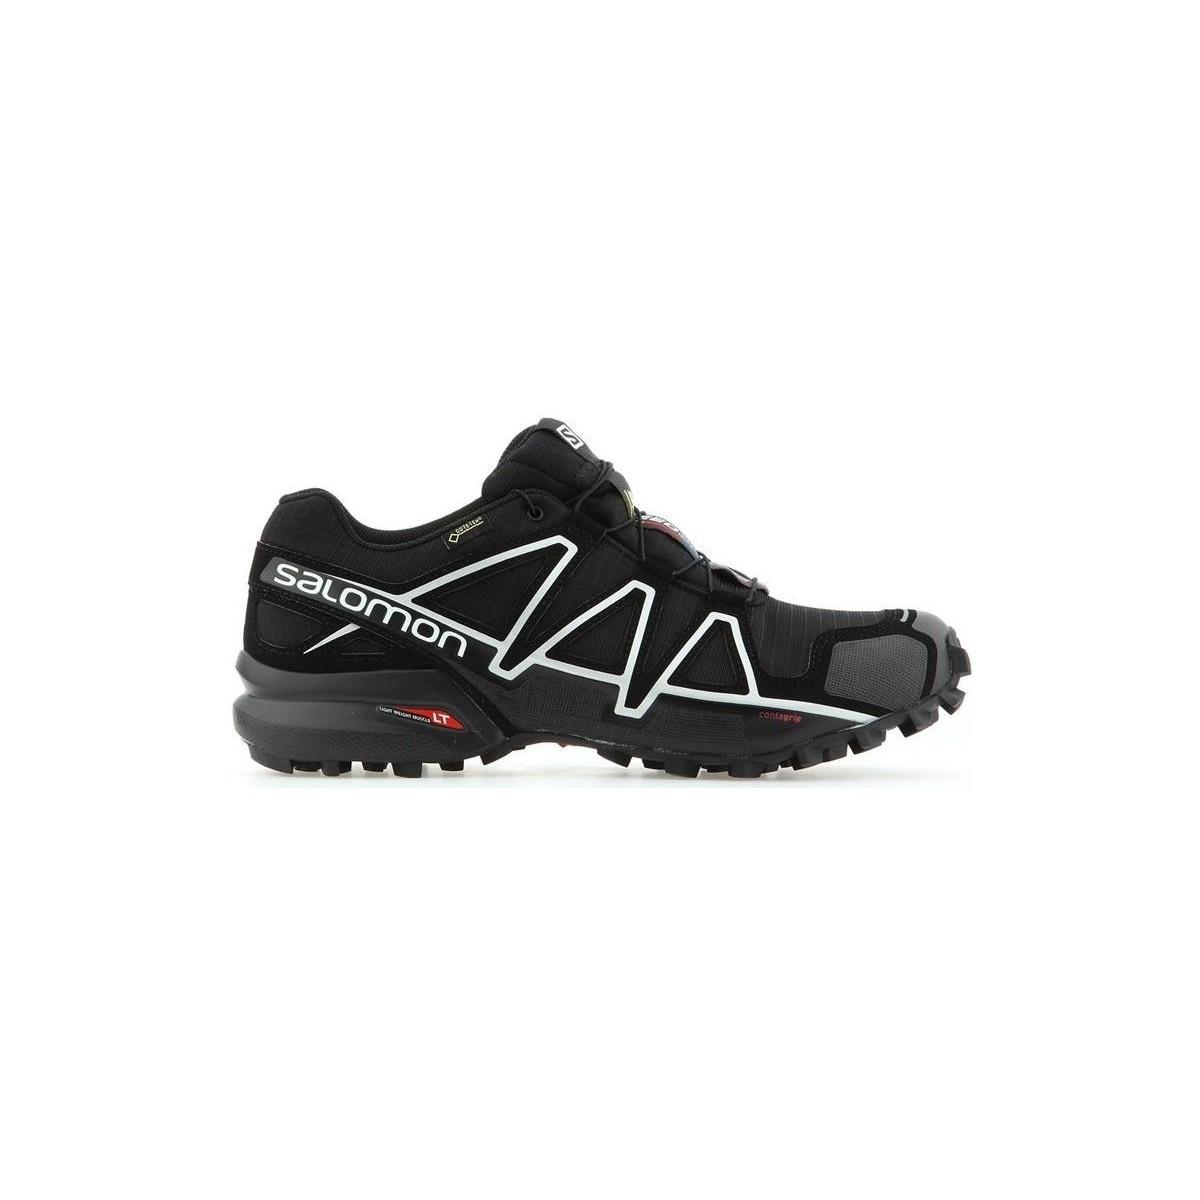 a31b1f35909 Yves Salomon Speedcross 4 Gtx® Running Trainers in Black for Men ...